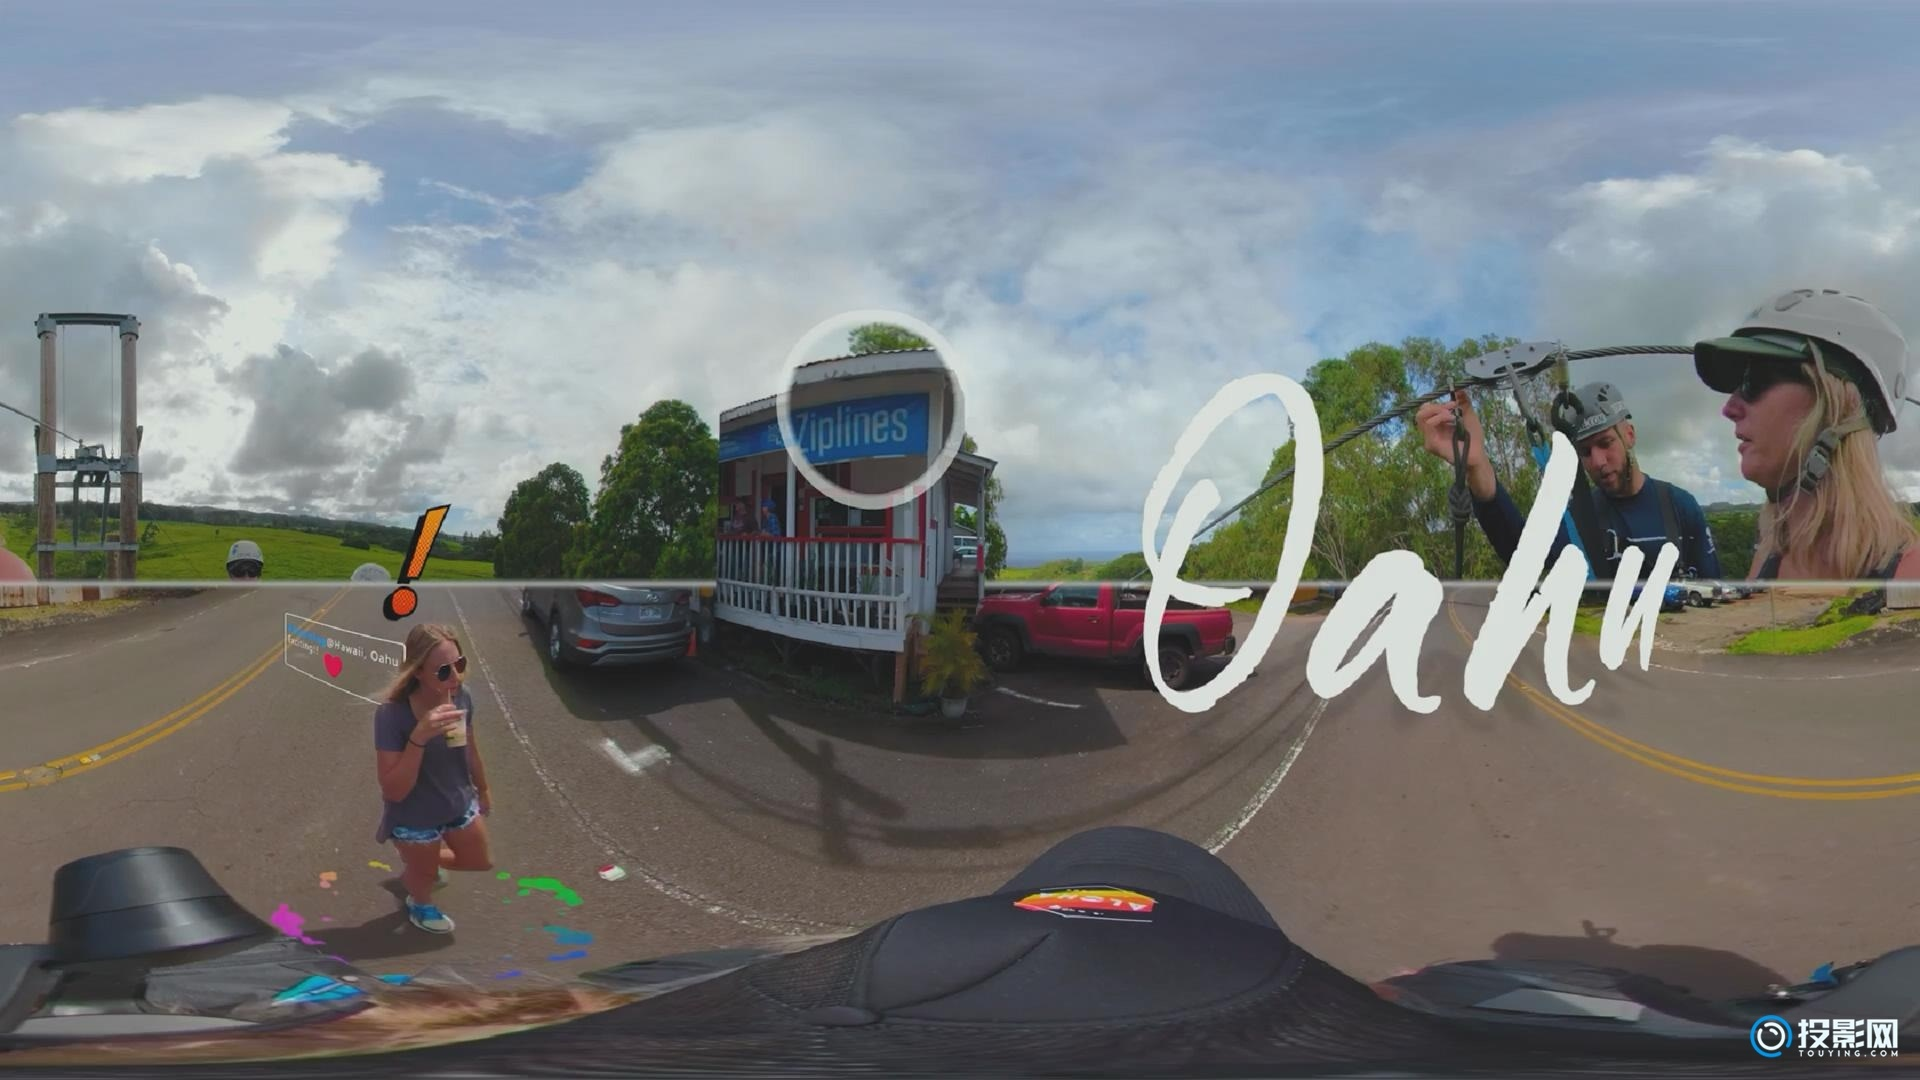 [VR360°全景] 在夏威夷来一场奇幻之旅 VR视频下载